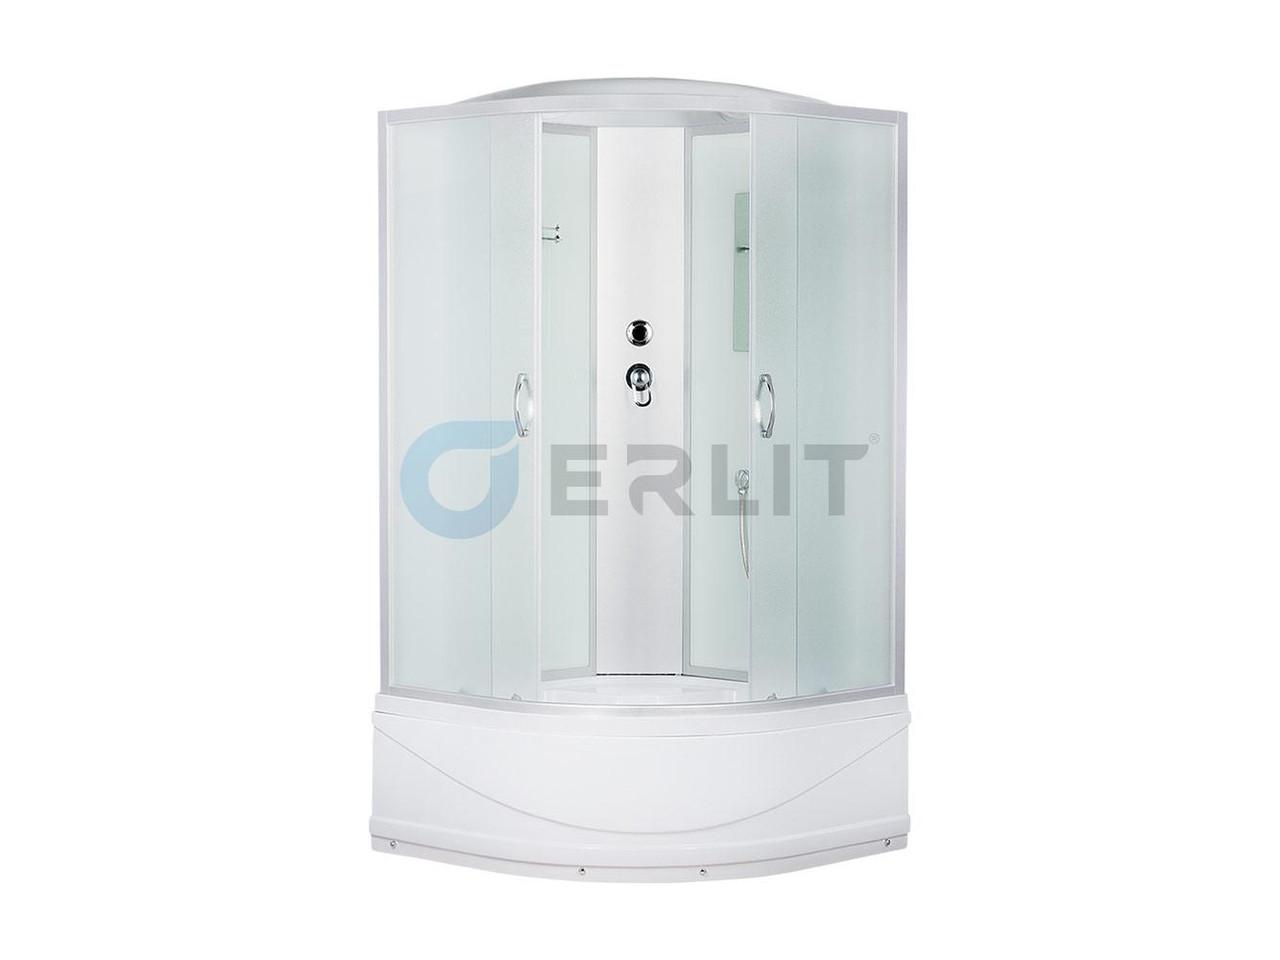 Душевая кабина Erlit ER3509TP - C3 900*900*2150 высокий поддон, светлое стекло